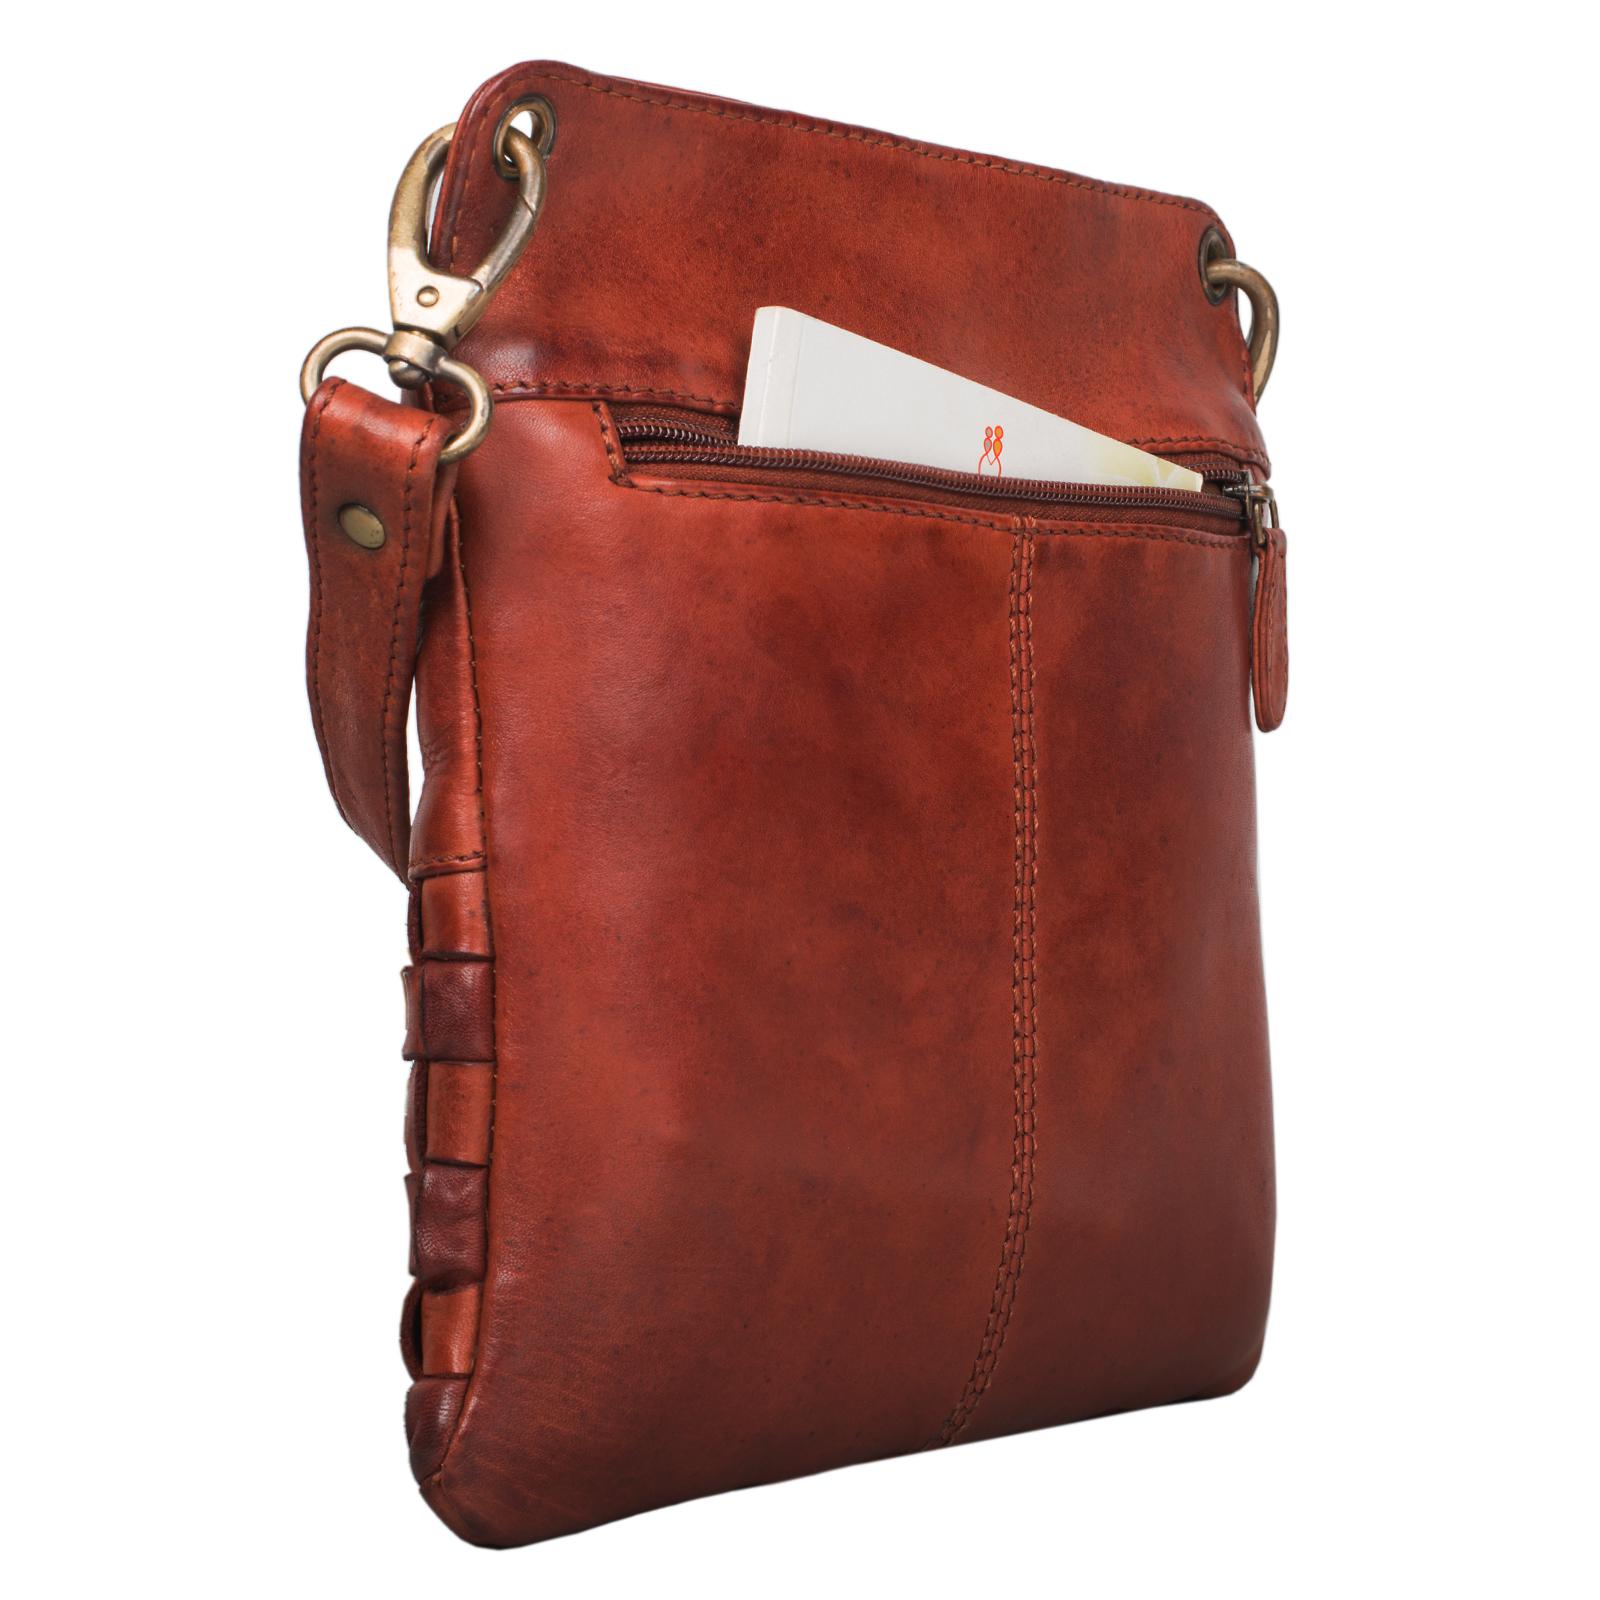 """STILORD """"Sophie"""" Schultertasche Damen klein Leder Handtasche moderne Umhängetasche geflochten Freizeittasche Vintage Abendtasche Ausgehtasche Echtleder - Bild 22"""